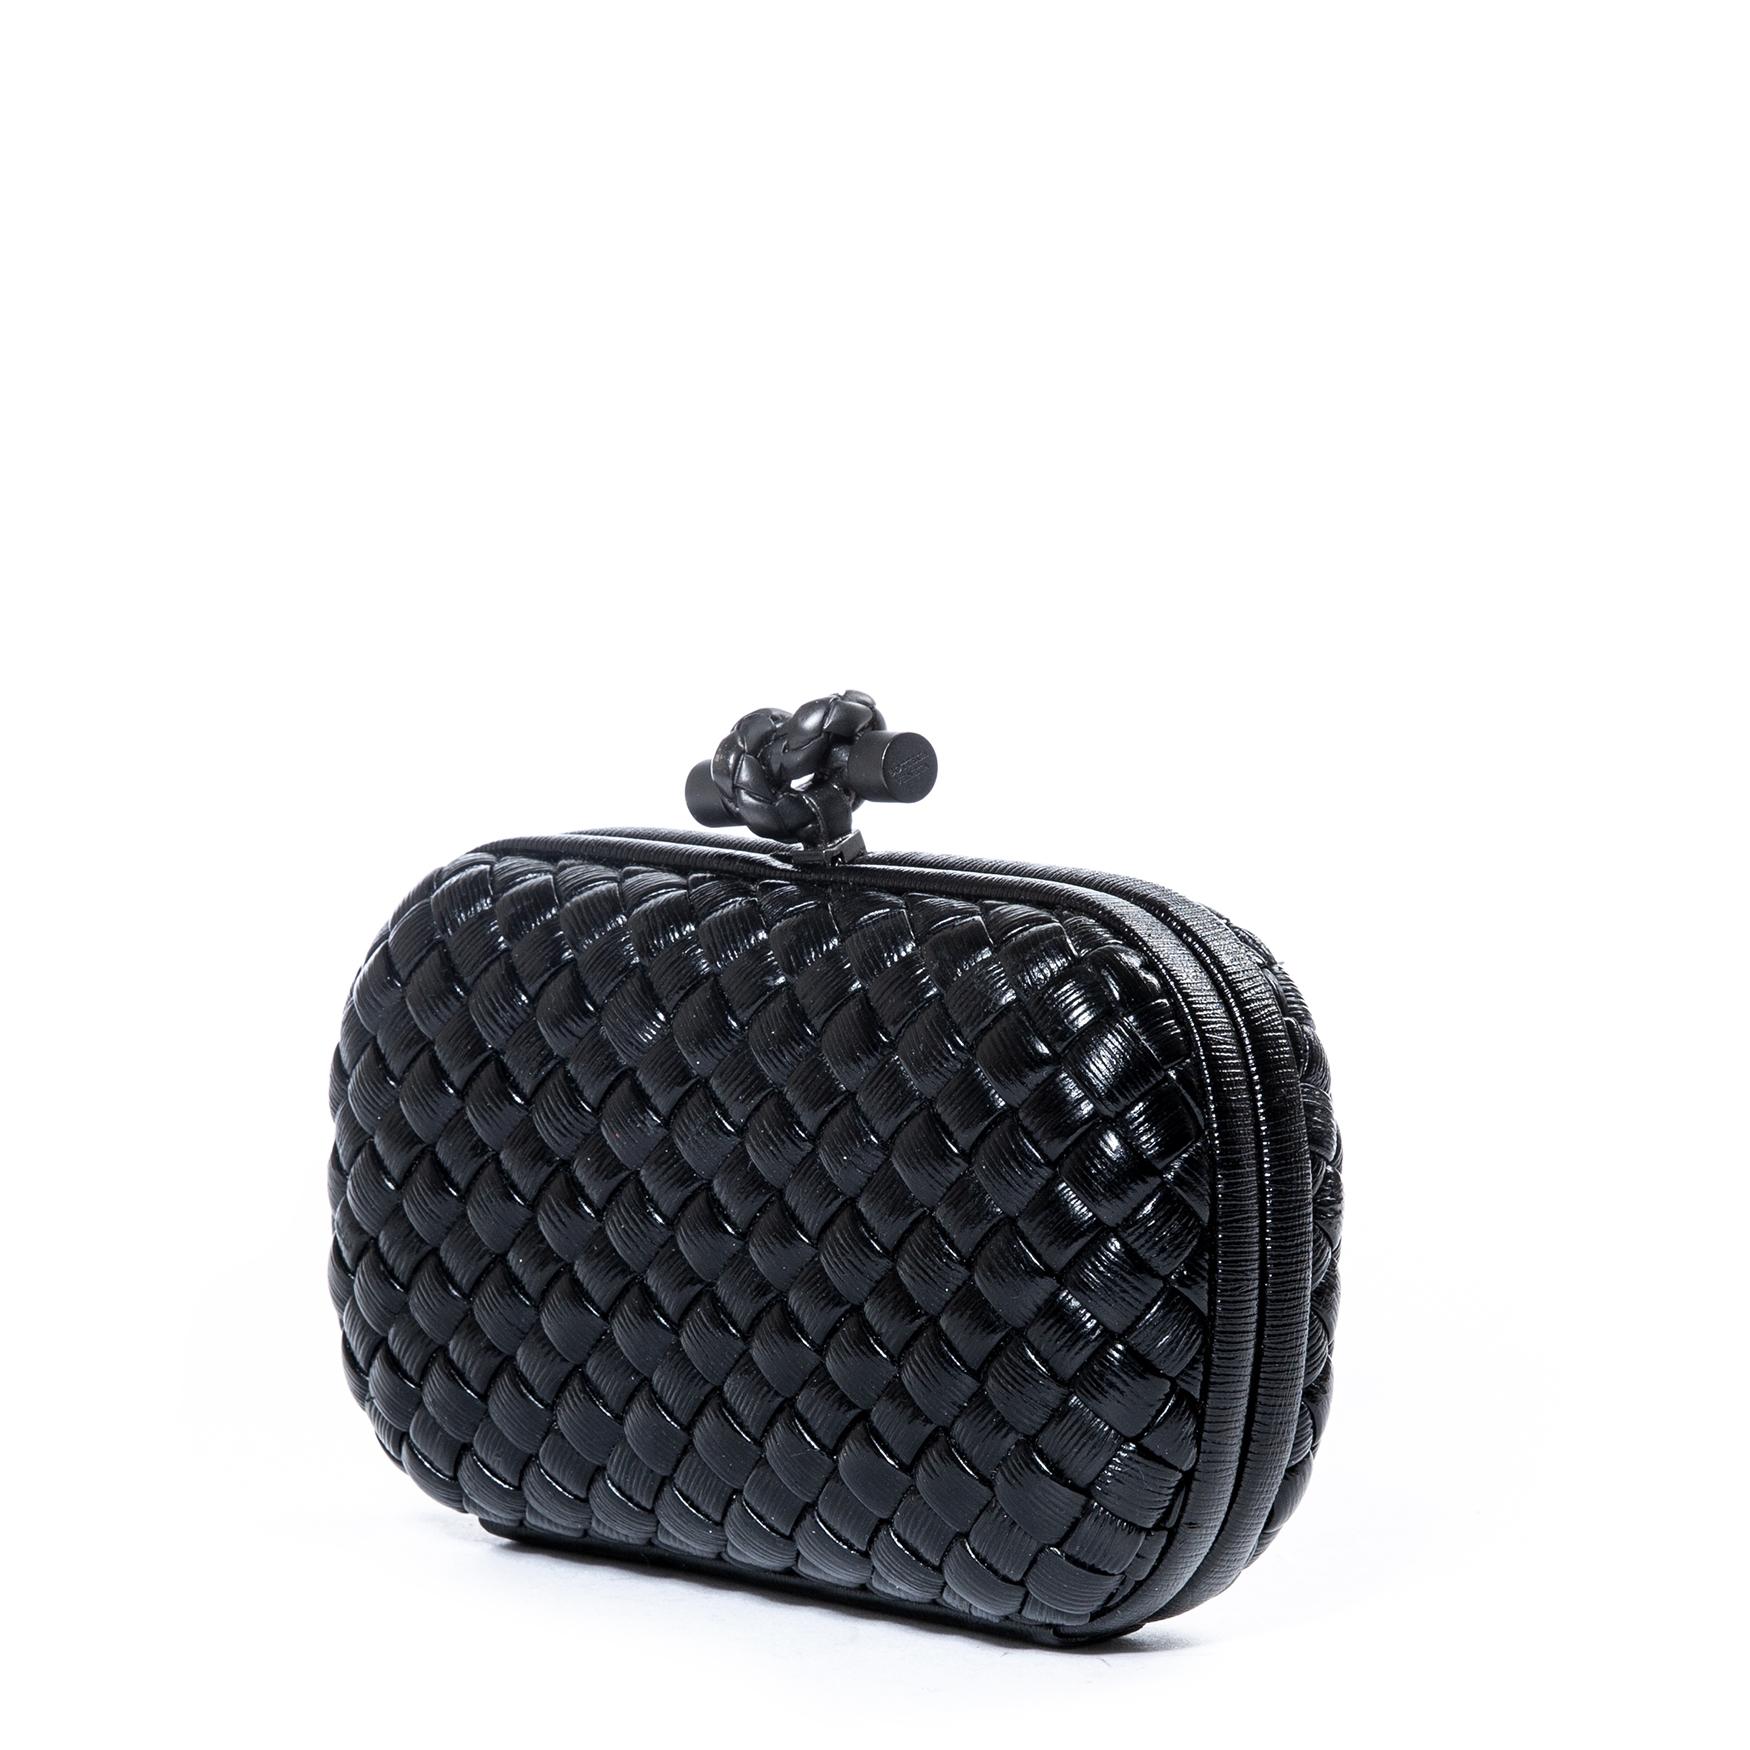 Koop uw authentieke Bottega Veneta Black Knot Clutch aan de beste prijs